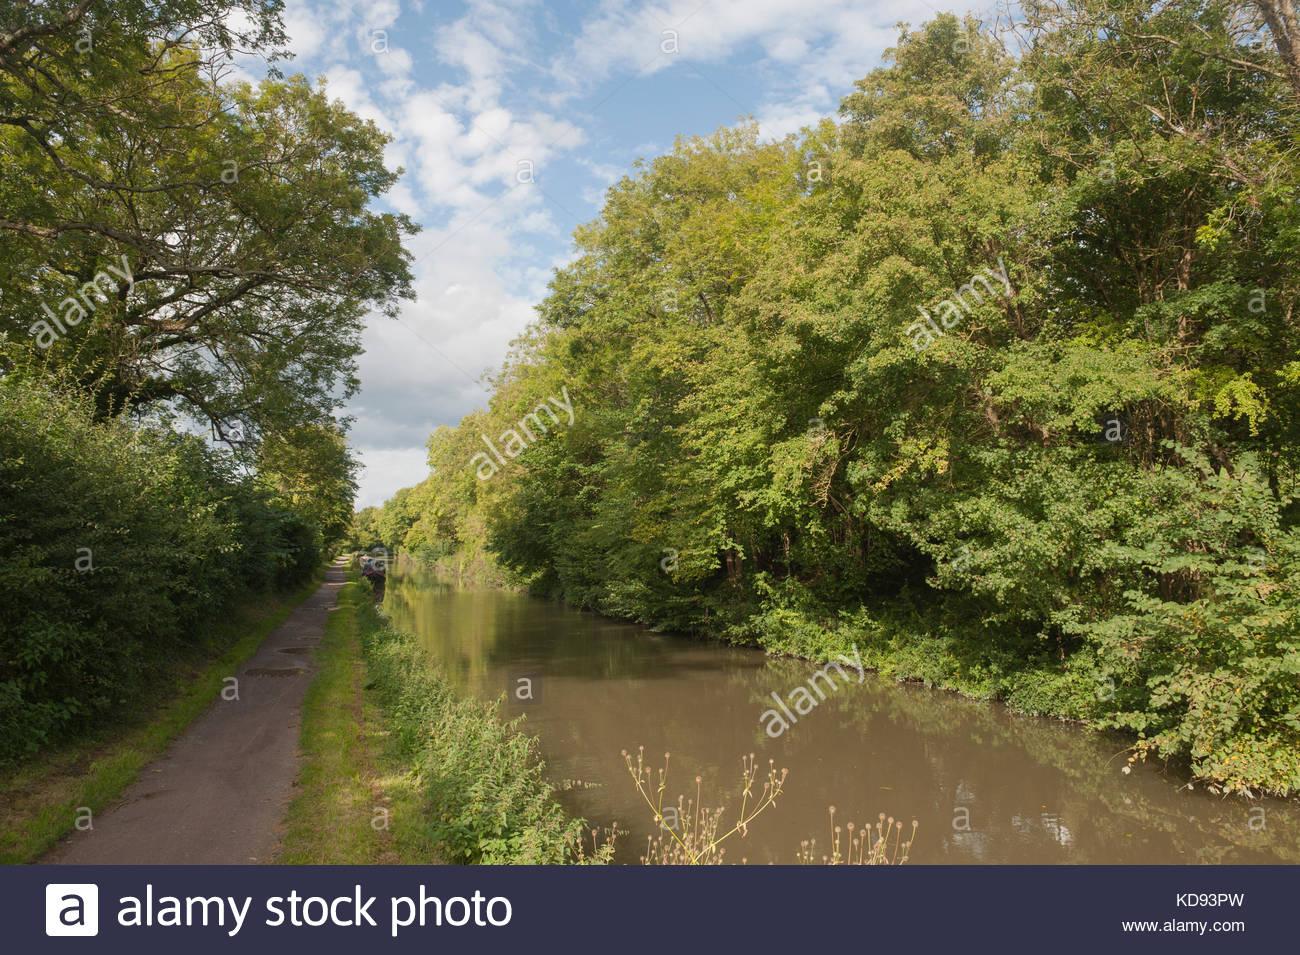 Nr Bath Inghilterra UK Kennet and Avon Canal passando attraverso la campagna inglese. Ciclo nazionale di instradamento Immagini Stock